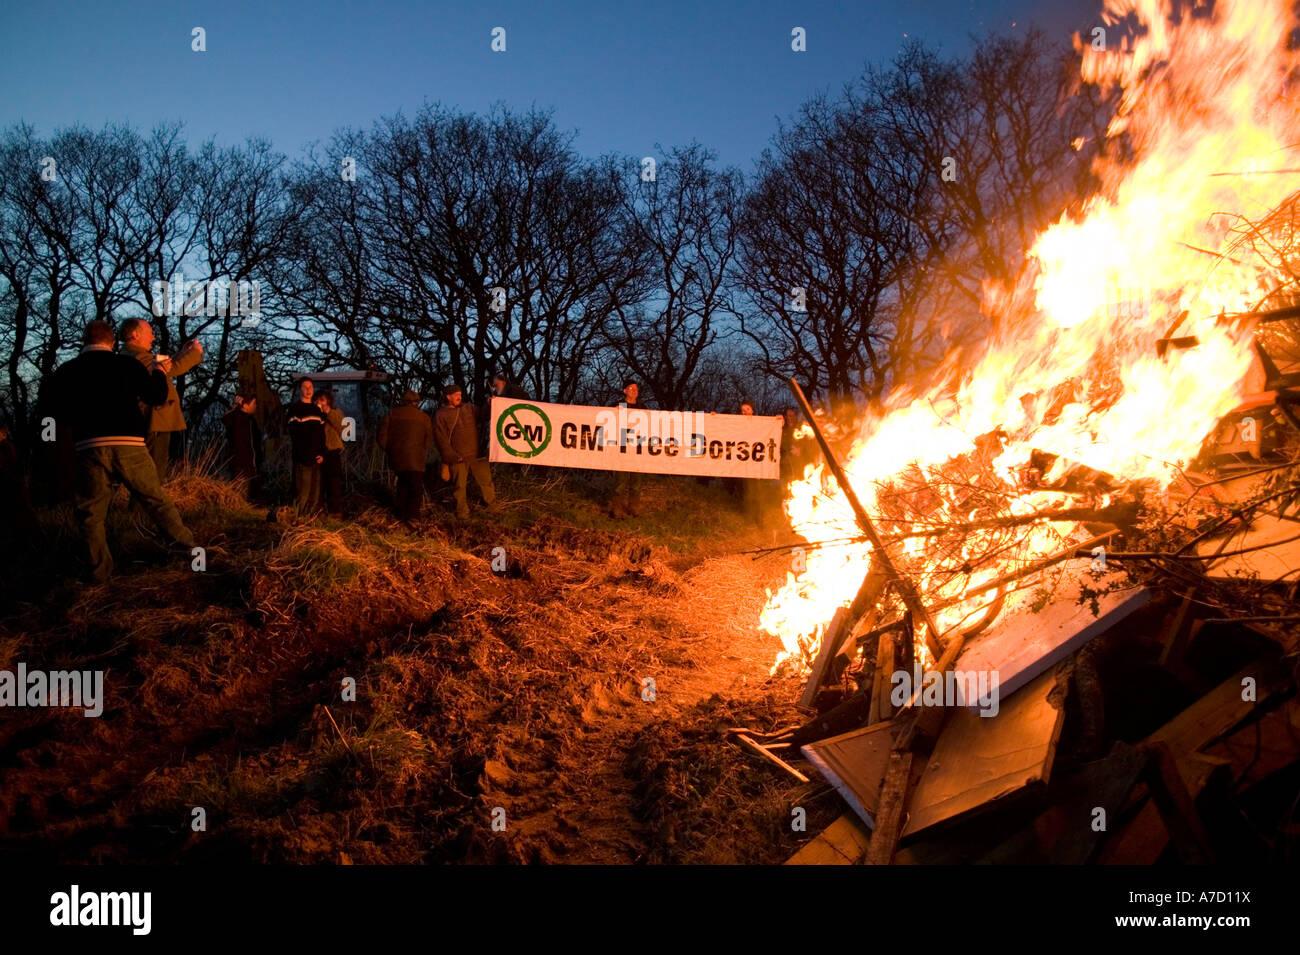 Protesta GM colture geneticamente modificate Dorset banner folla di persone campo rotante anti incendio agricoltura Immagini Stock